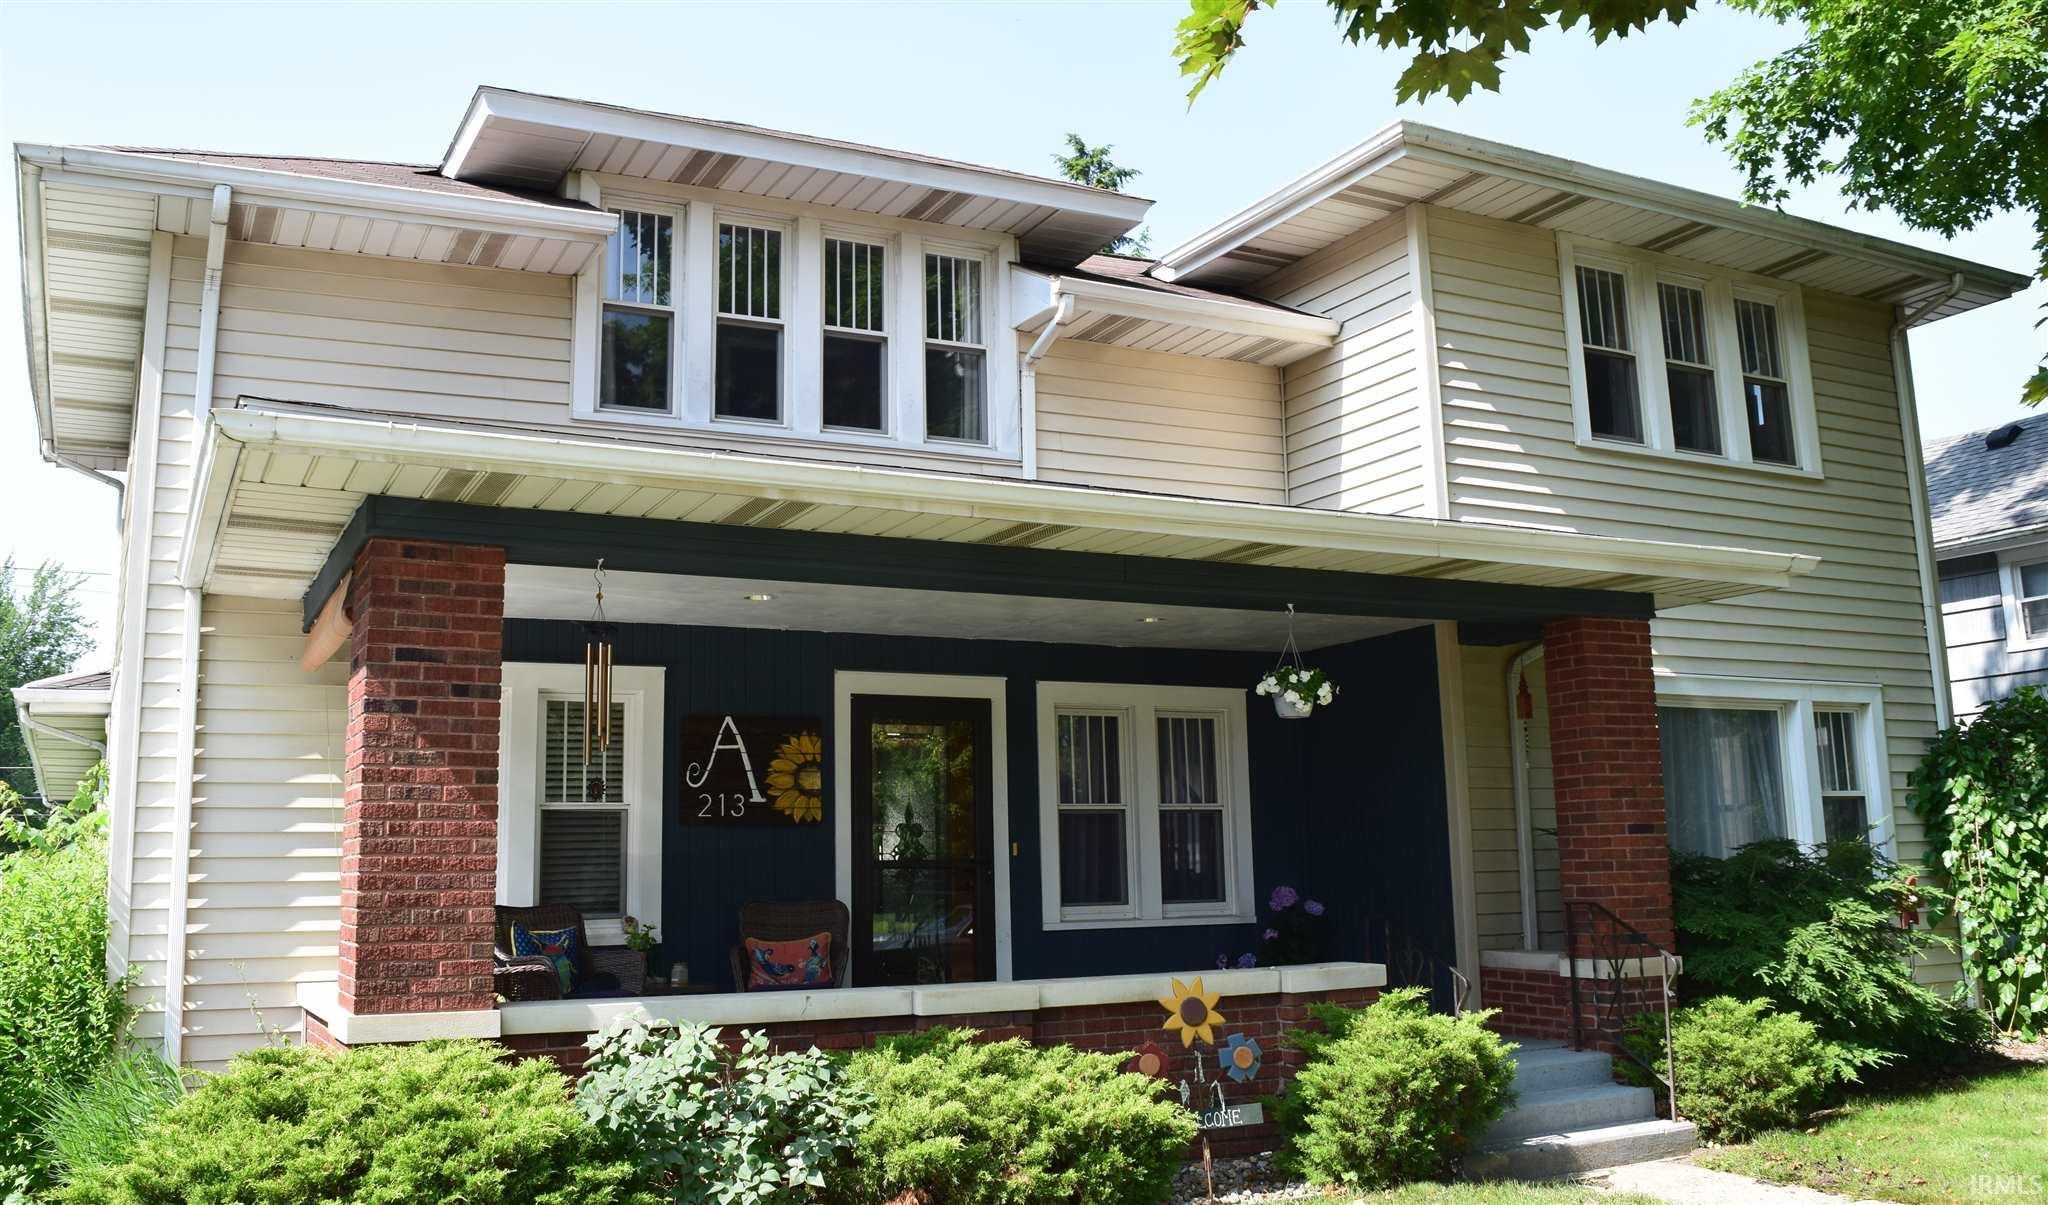 213 Michigan New Carlisle, IN 46552